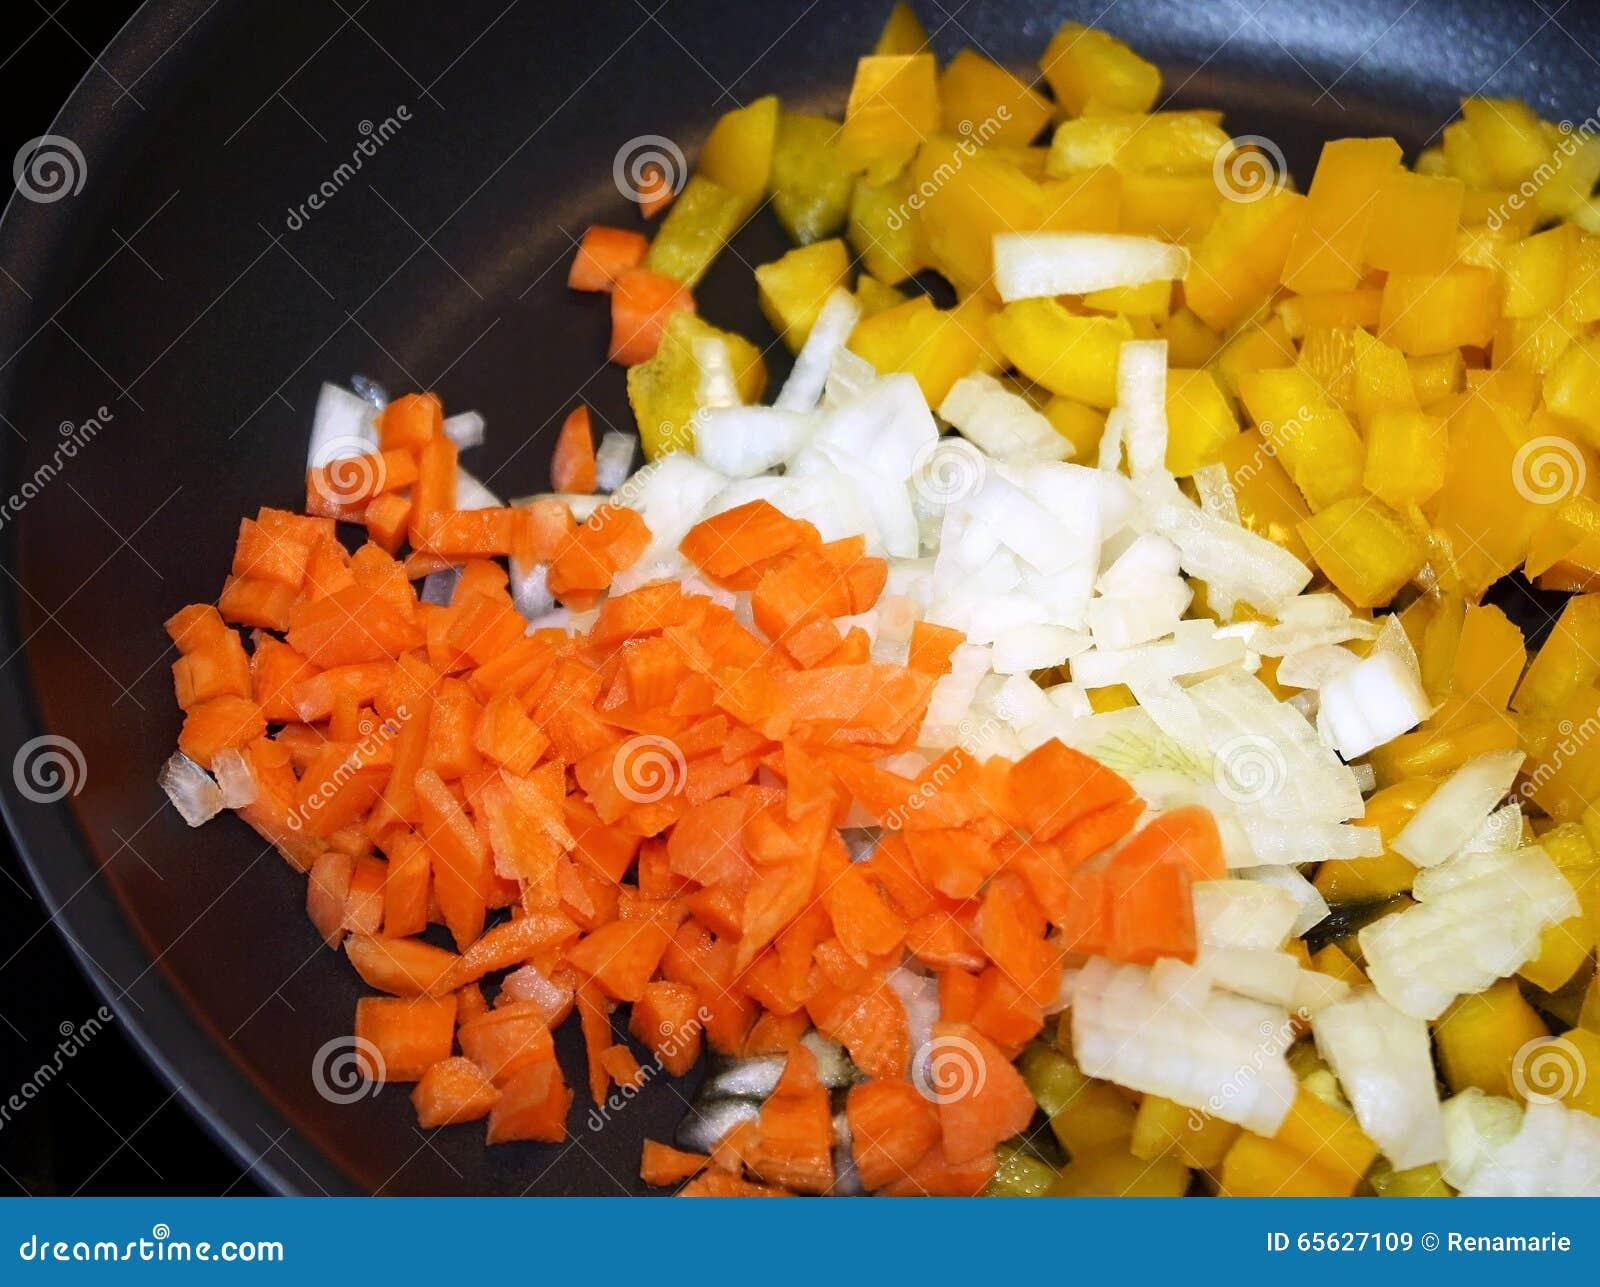 Carottes crues découpées, oignons et poivrons jaunes dans la poêle